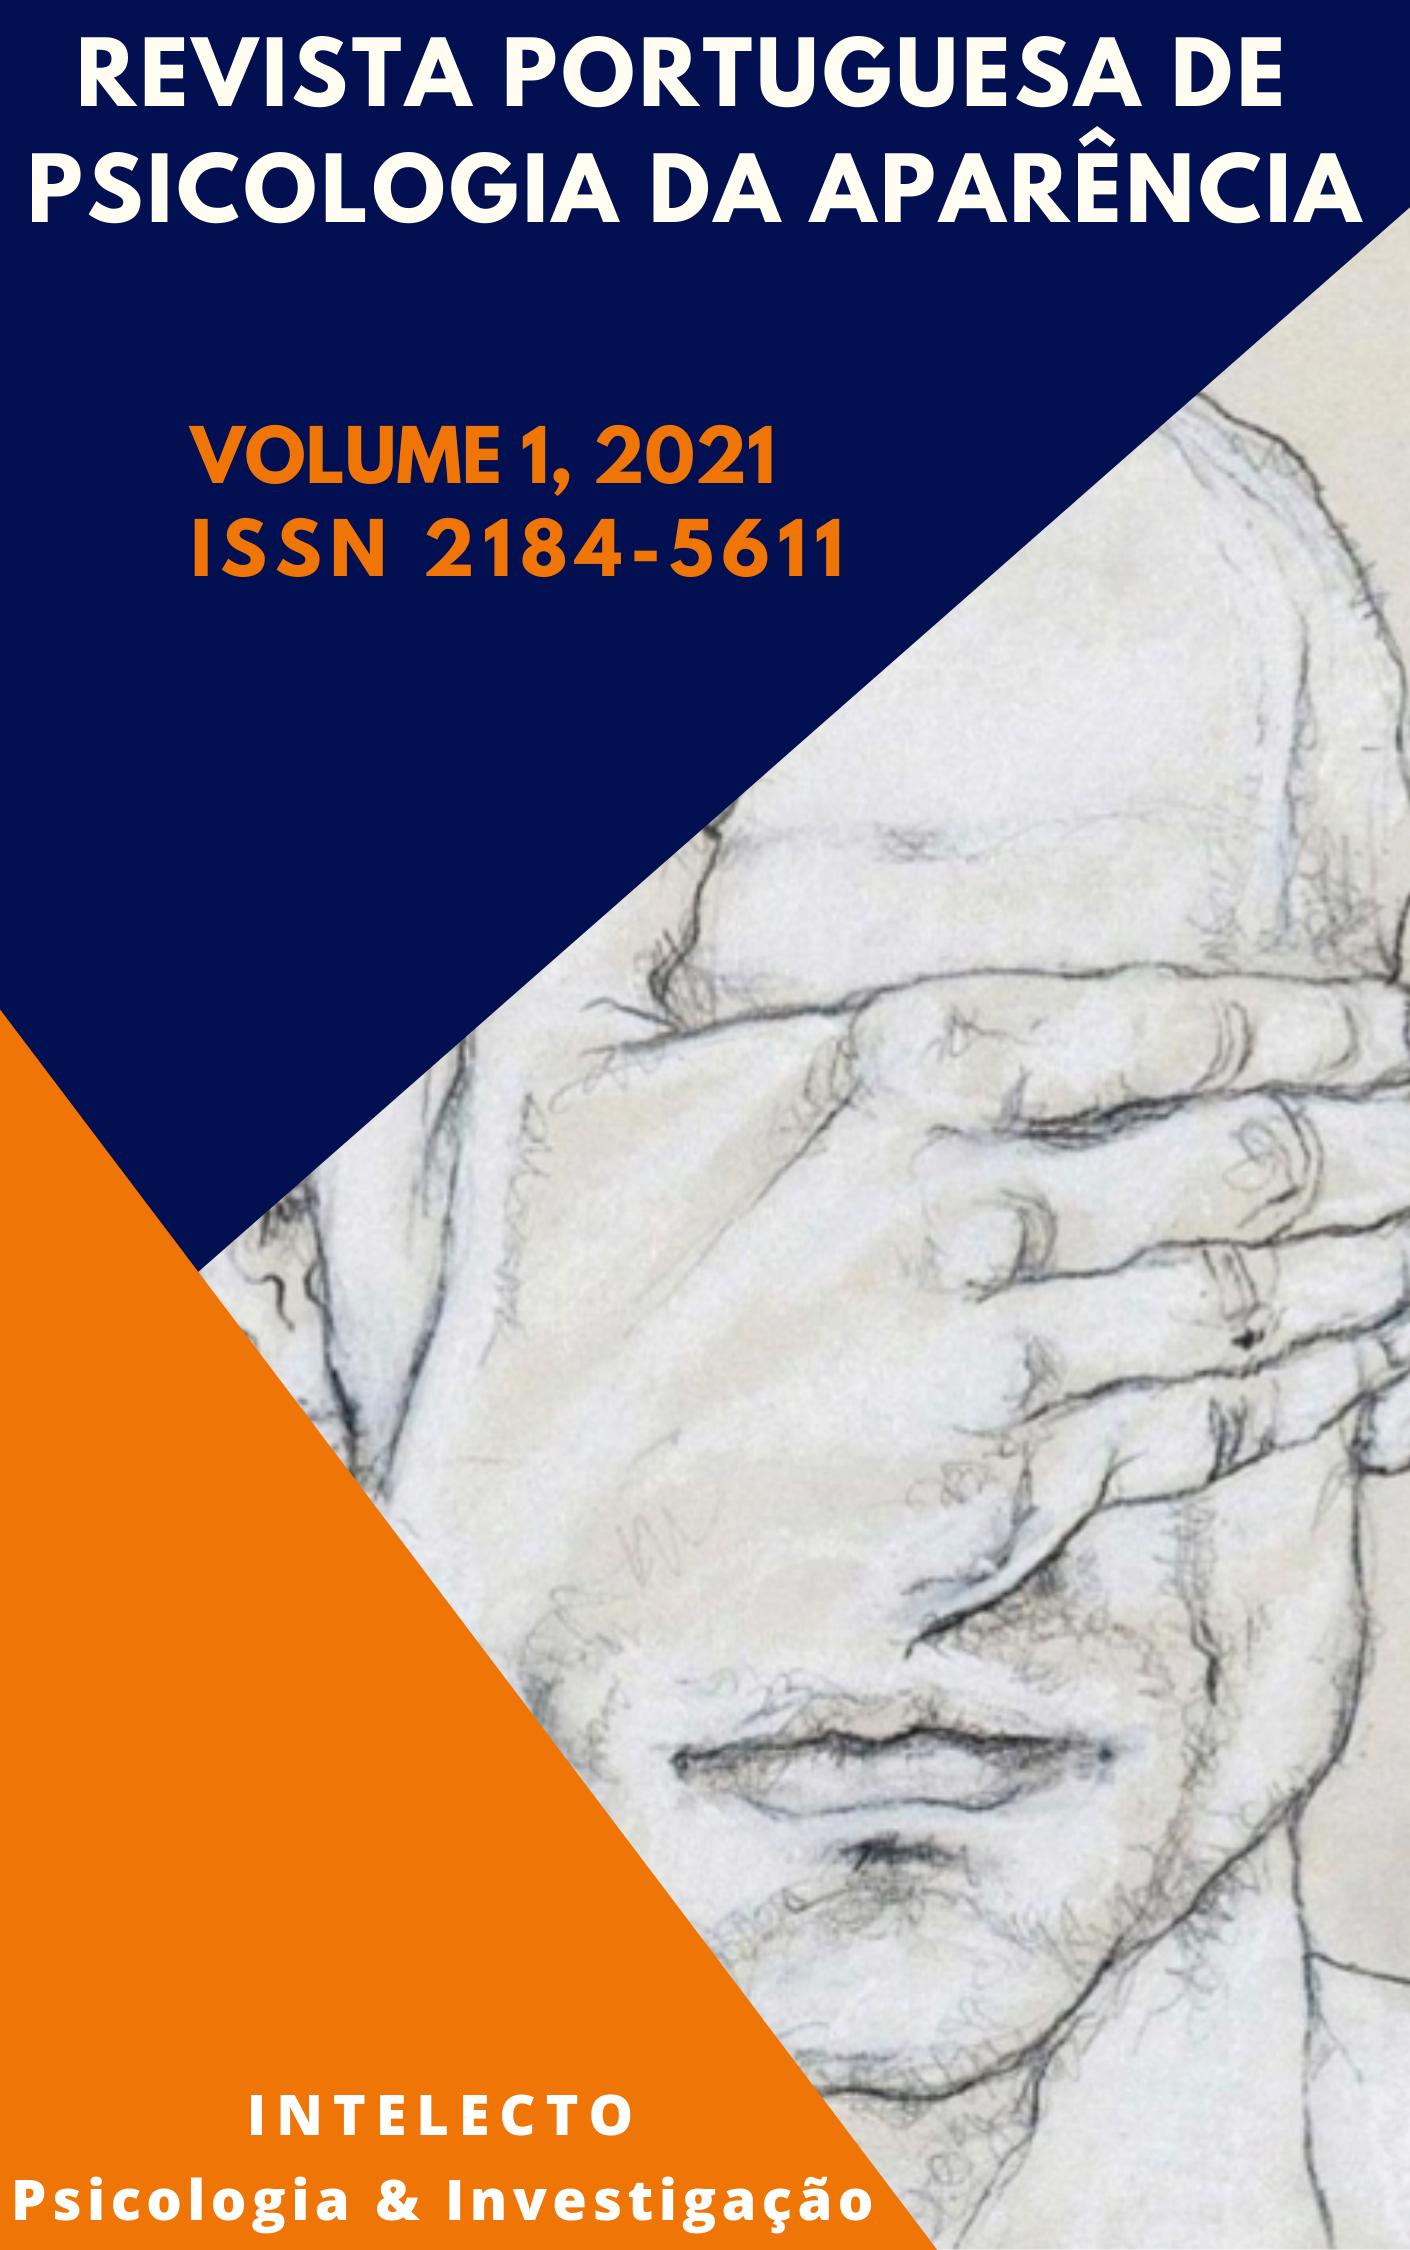 Revista Portuguesa de Psicologia da Aparência